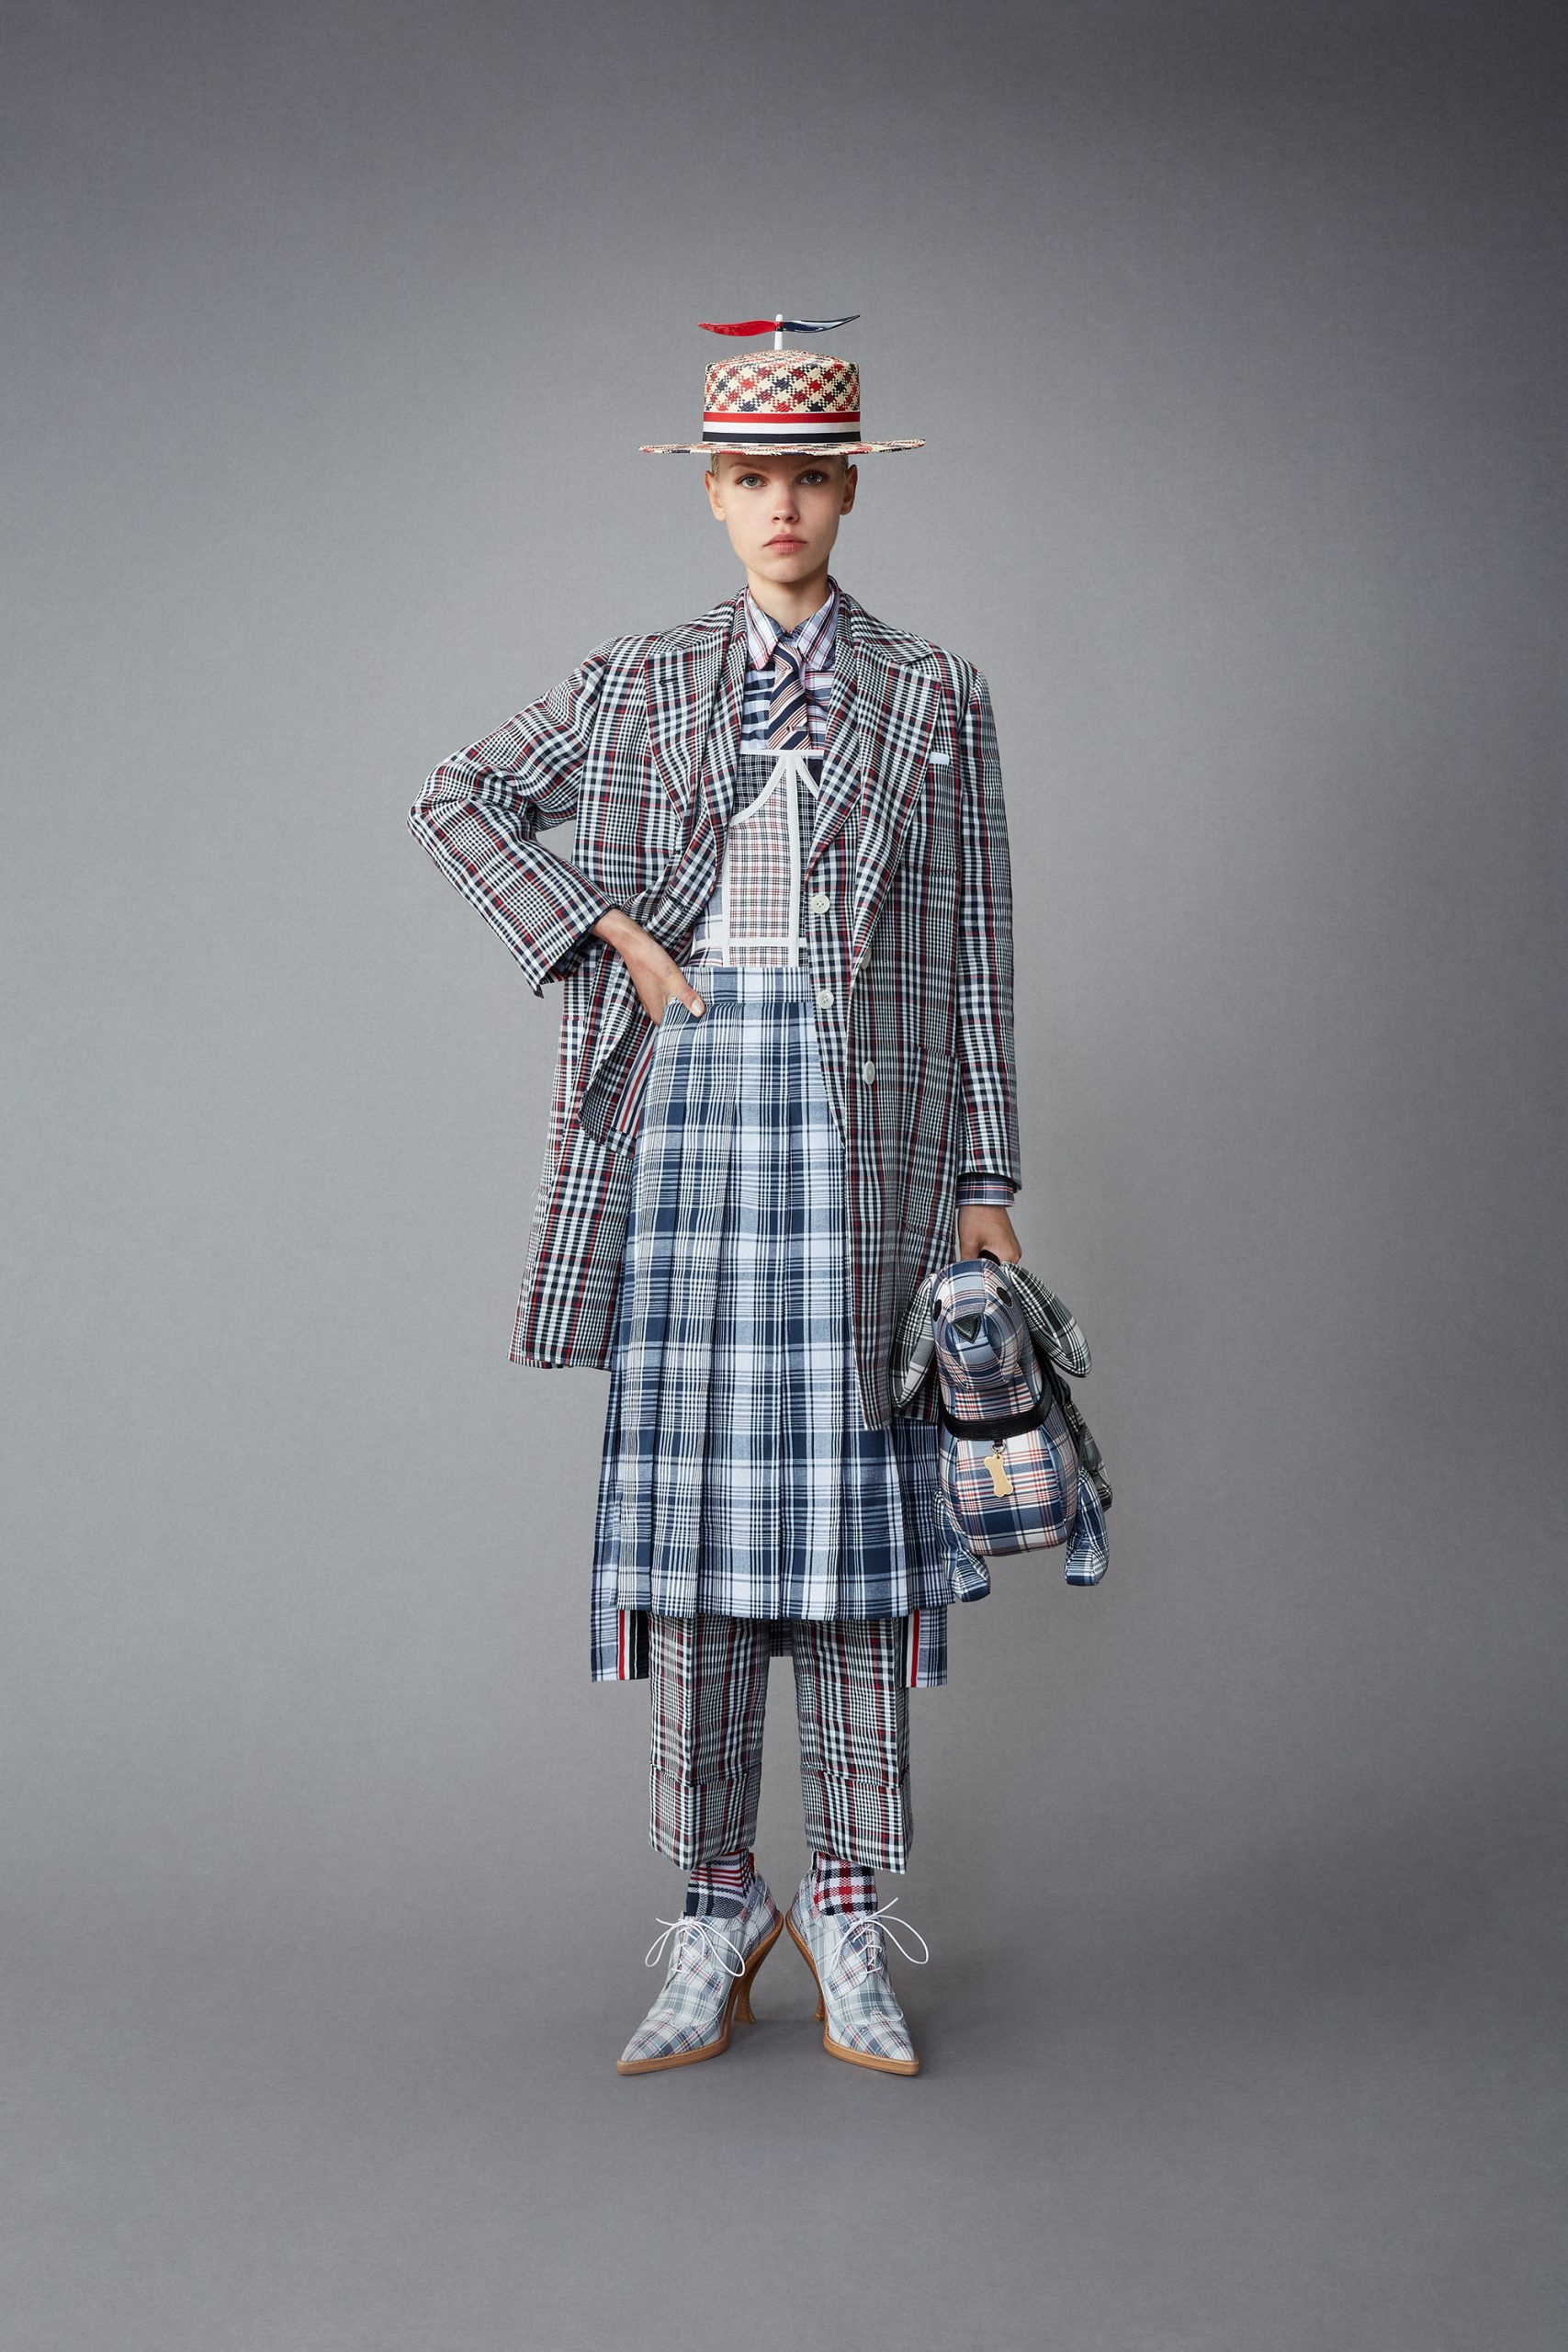 Thom Browne Resort 2022 Fashion Show Photos